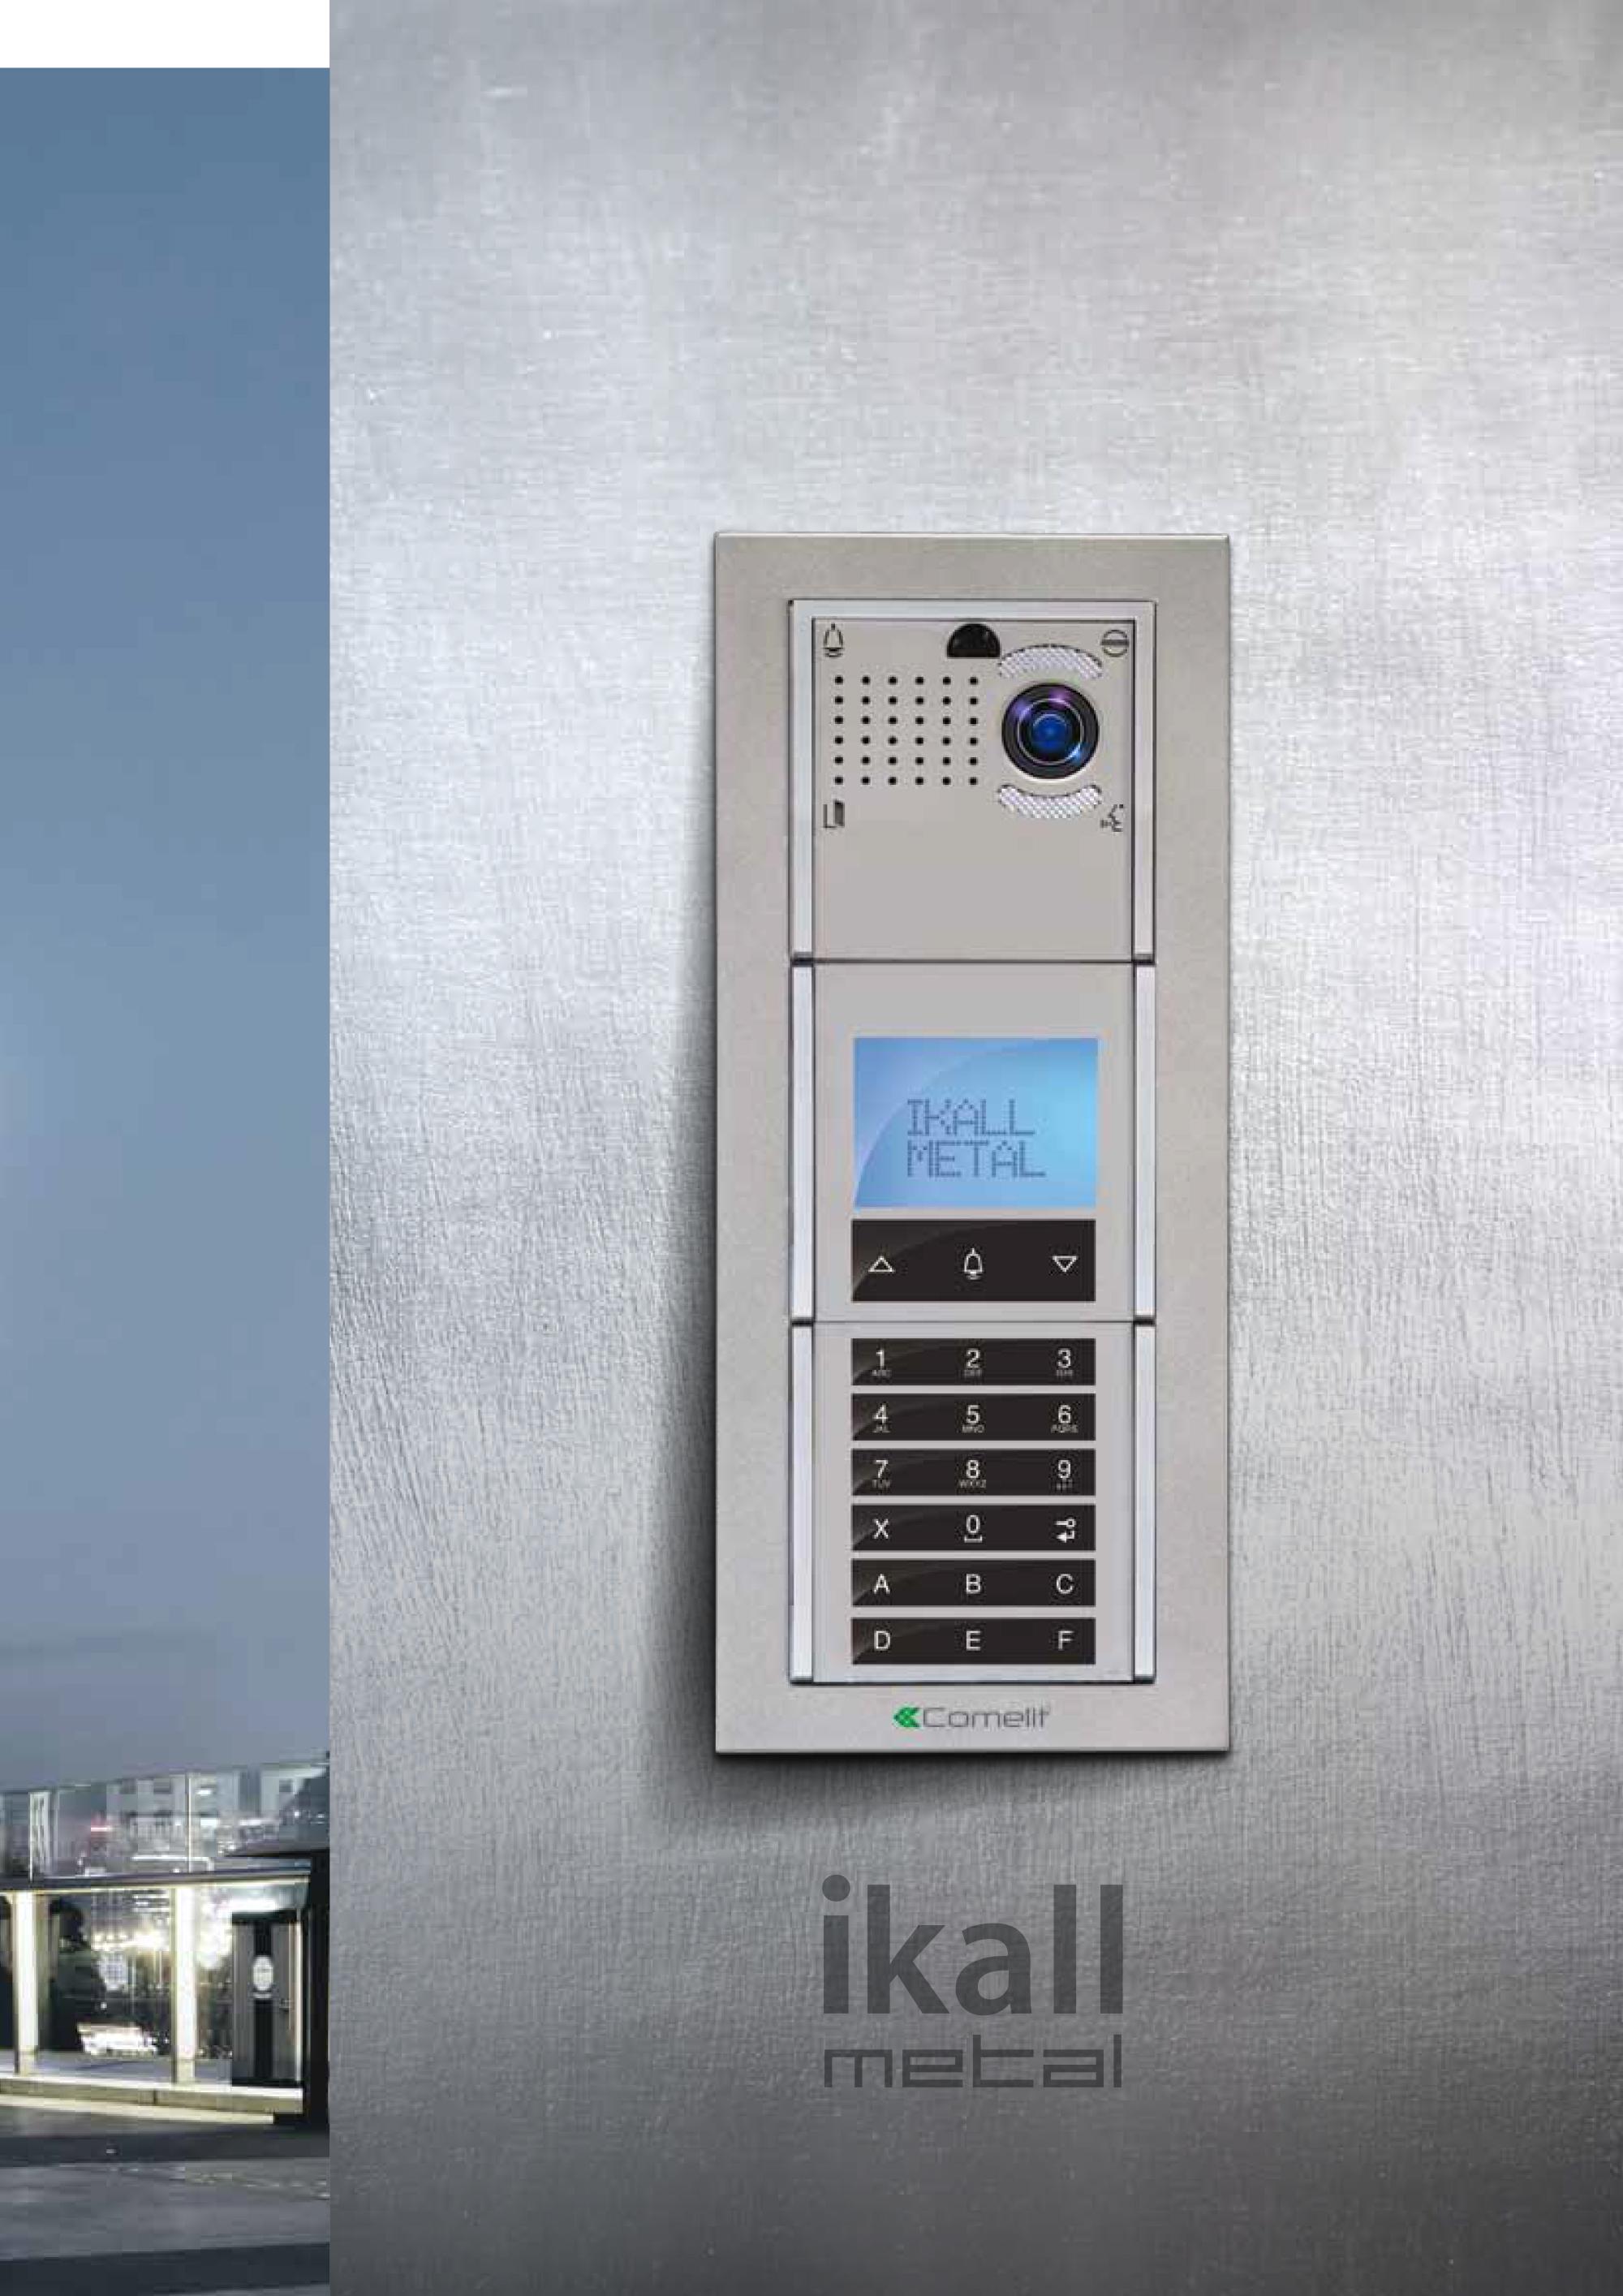 Comelit Ikall Metal on Door Access Control Wiring Diagram